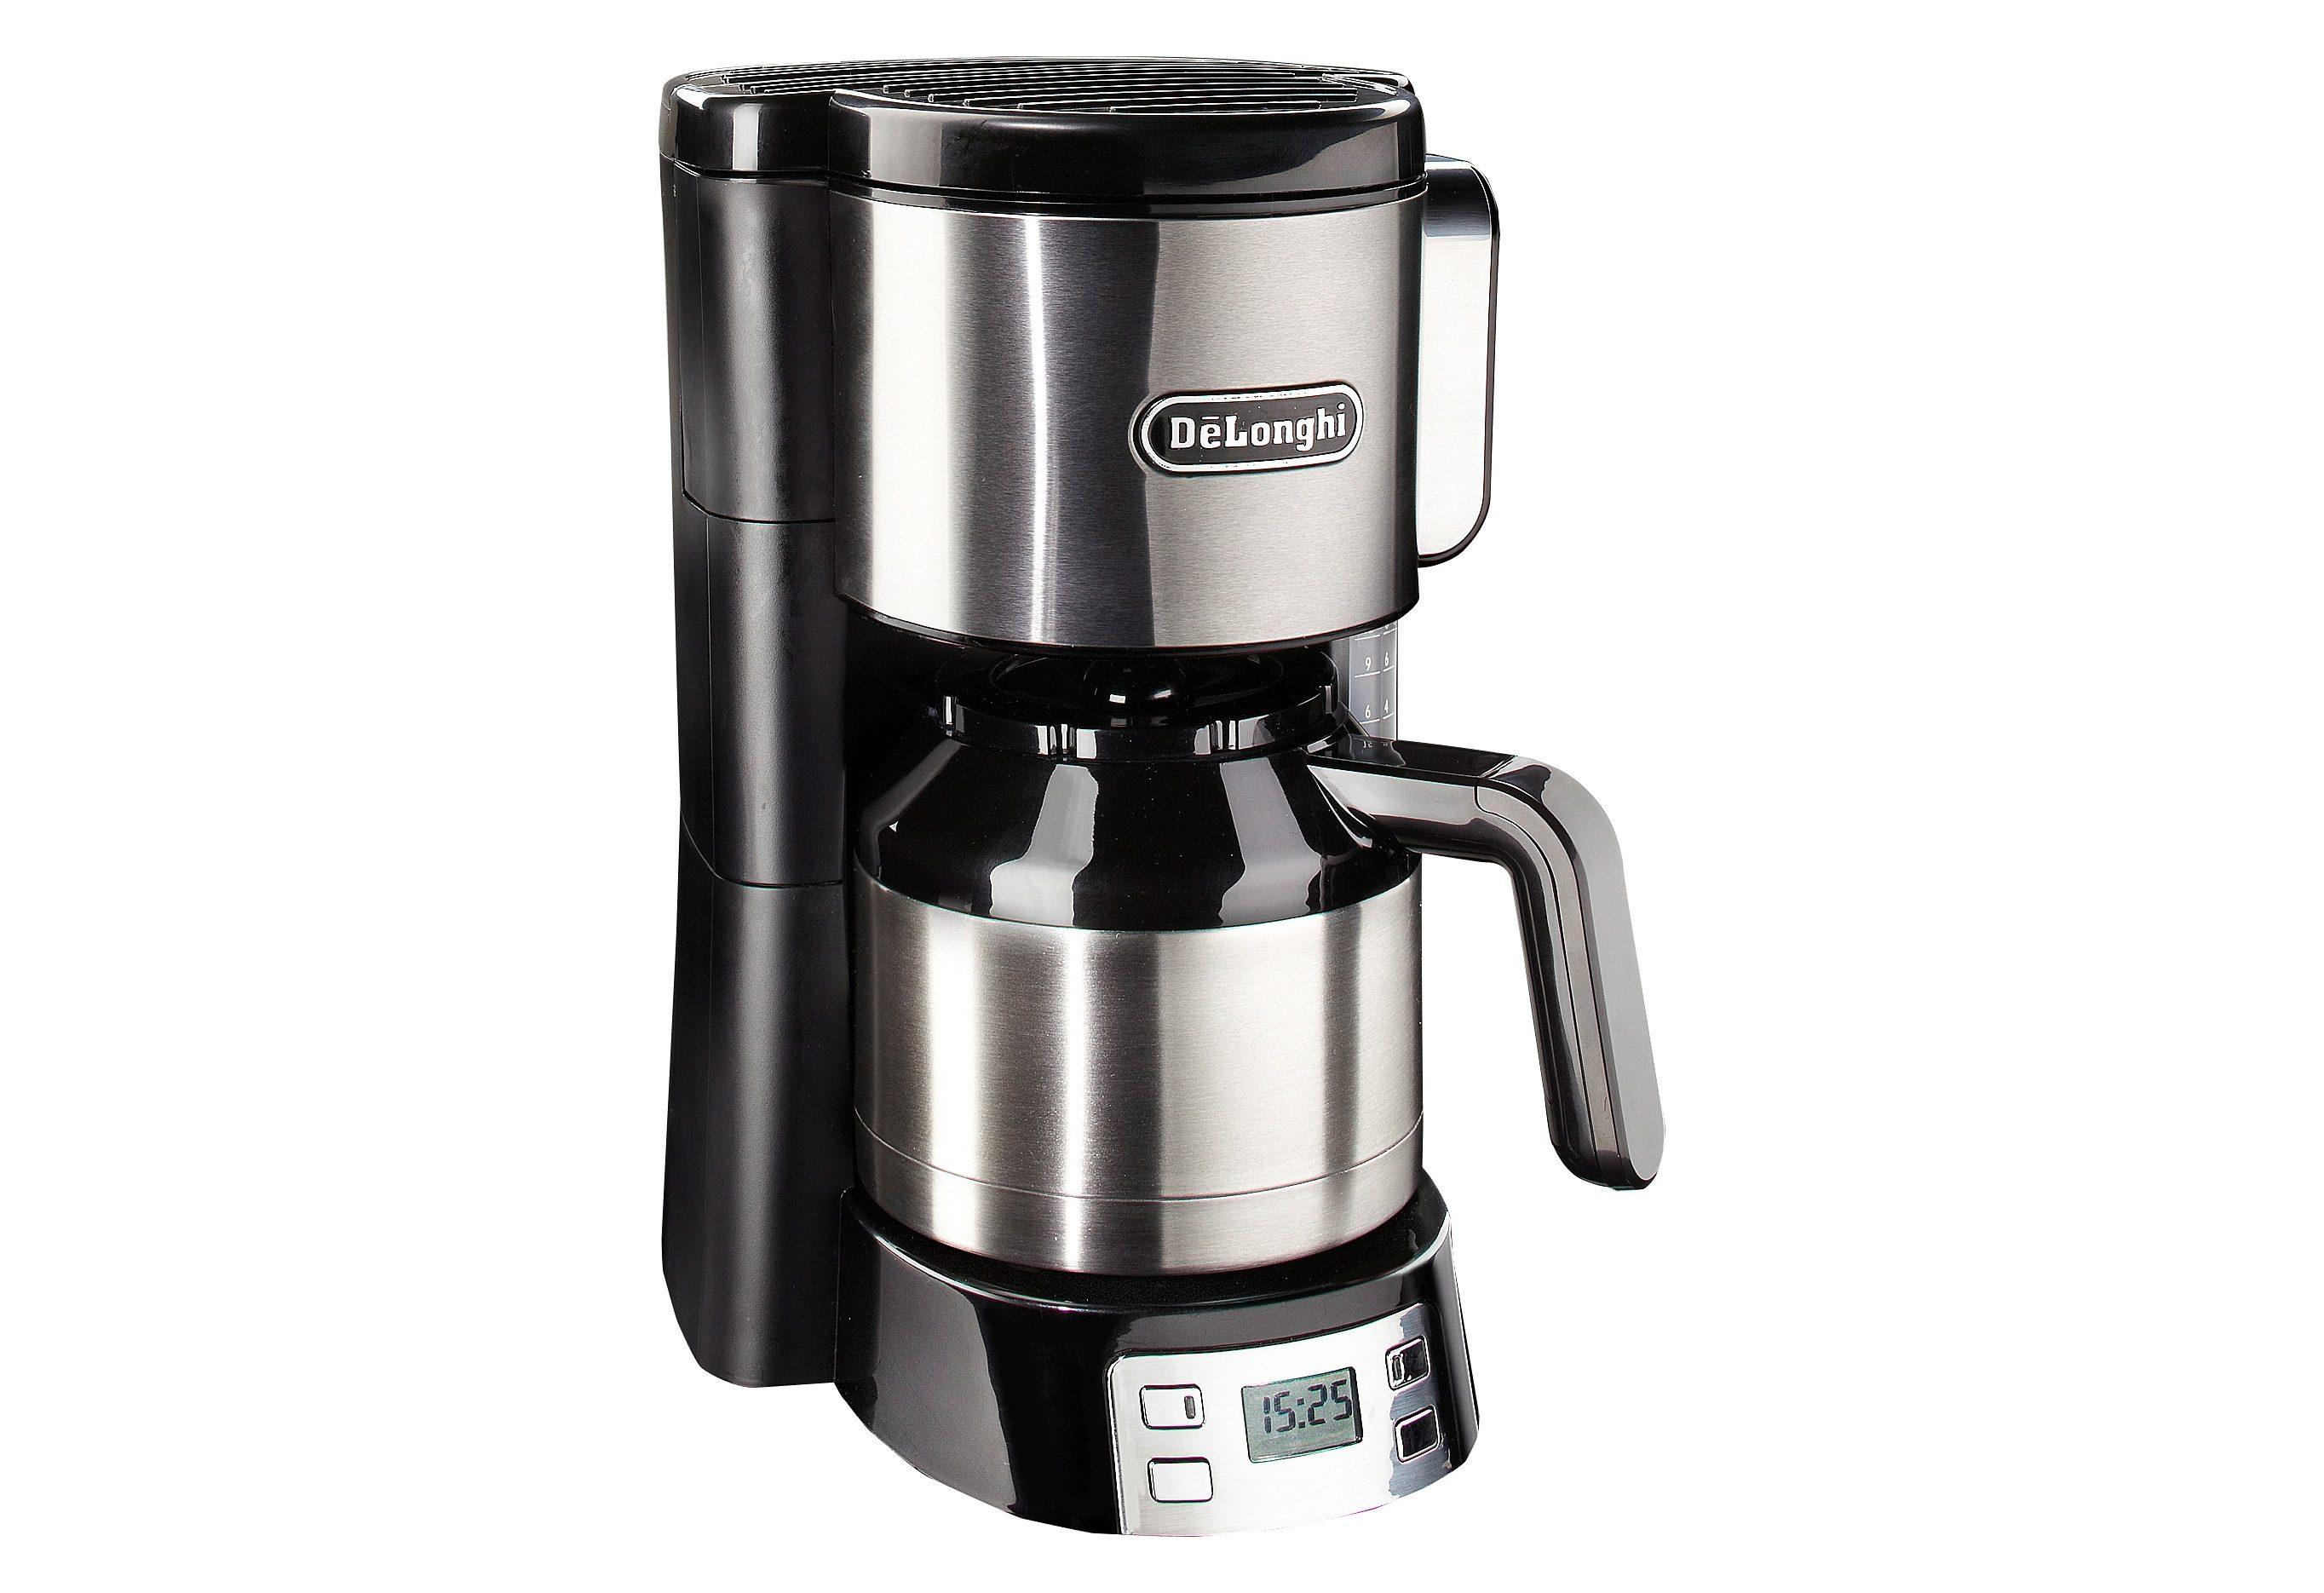 De´Longhi Filterkaffeemaschine ICM15750 Papierfilter 1x4 Preisvergleich